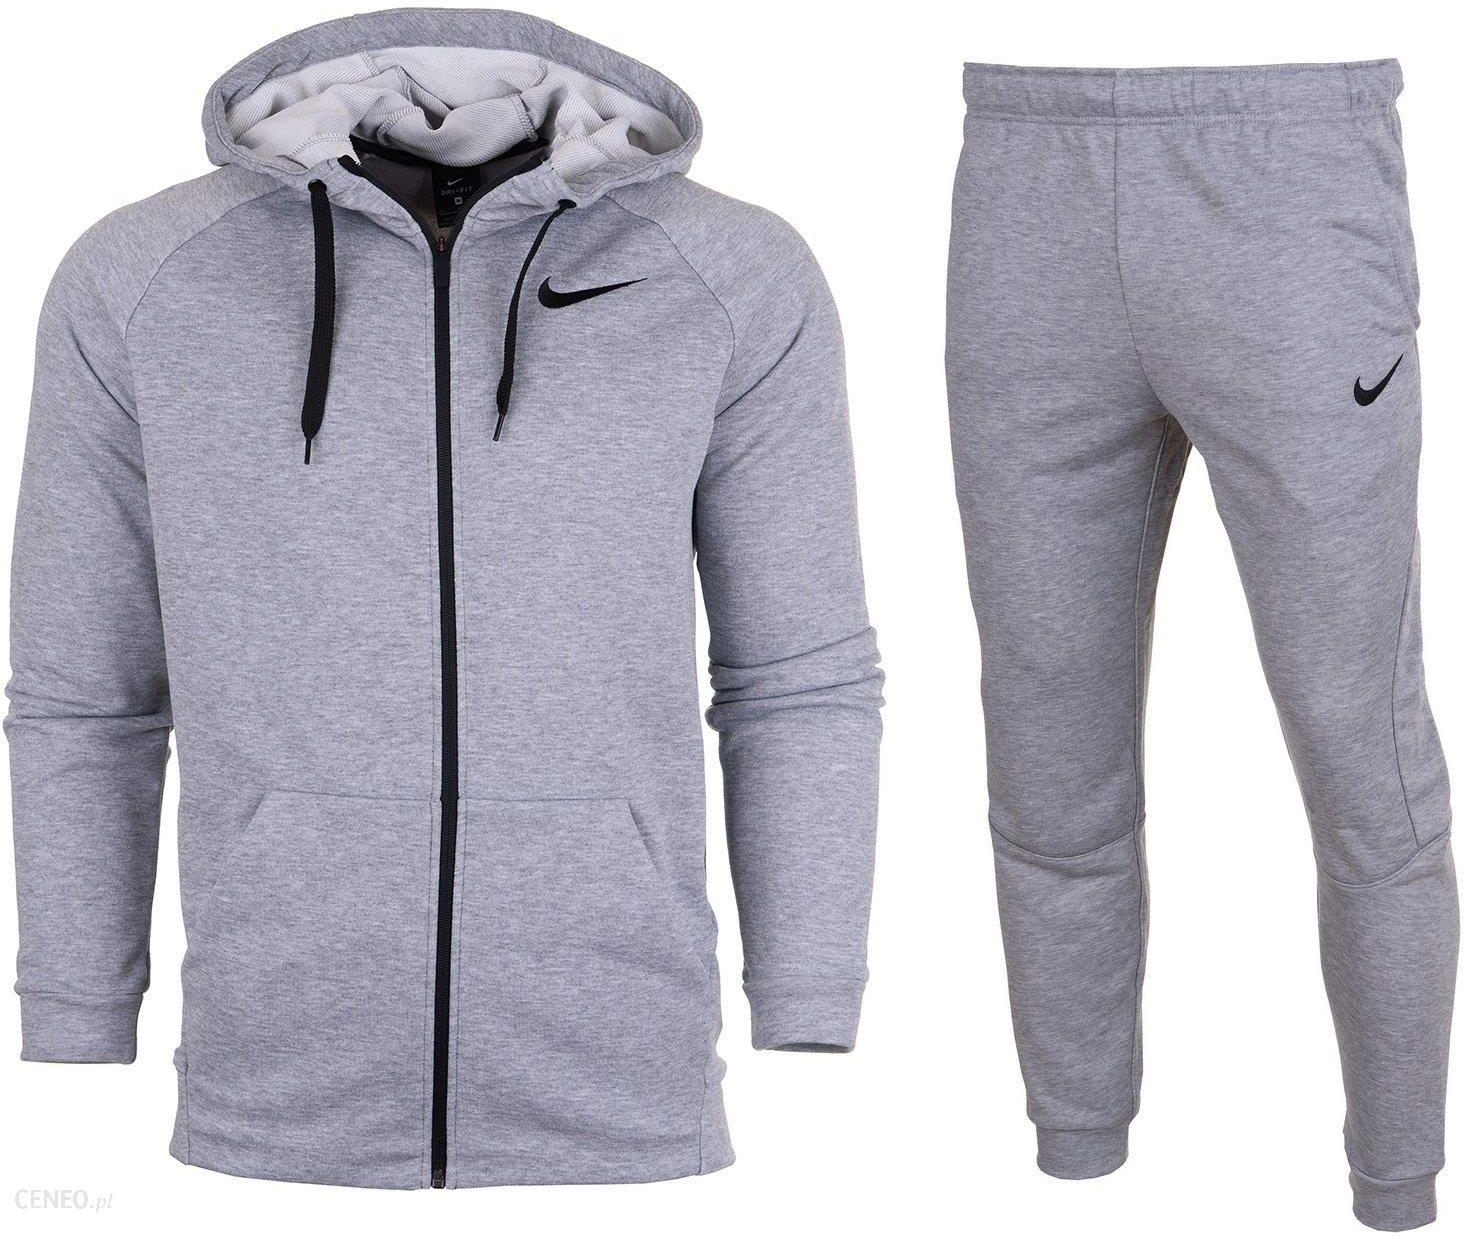 największa zniżka bardzo tanie wyprzedaż ze zniżką Nike Dres Kompletny Meski Spodnie Bluza r XXL - Ceny i opinie - Ceneo.pl